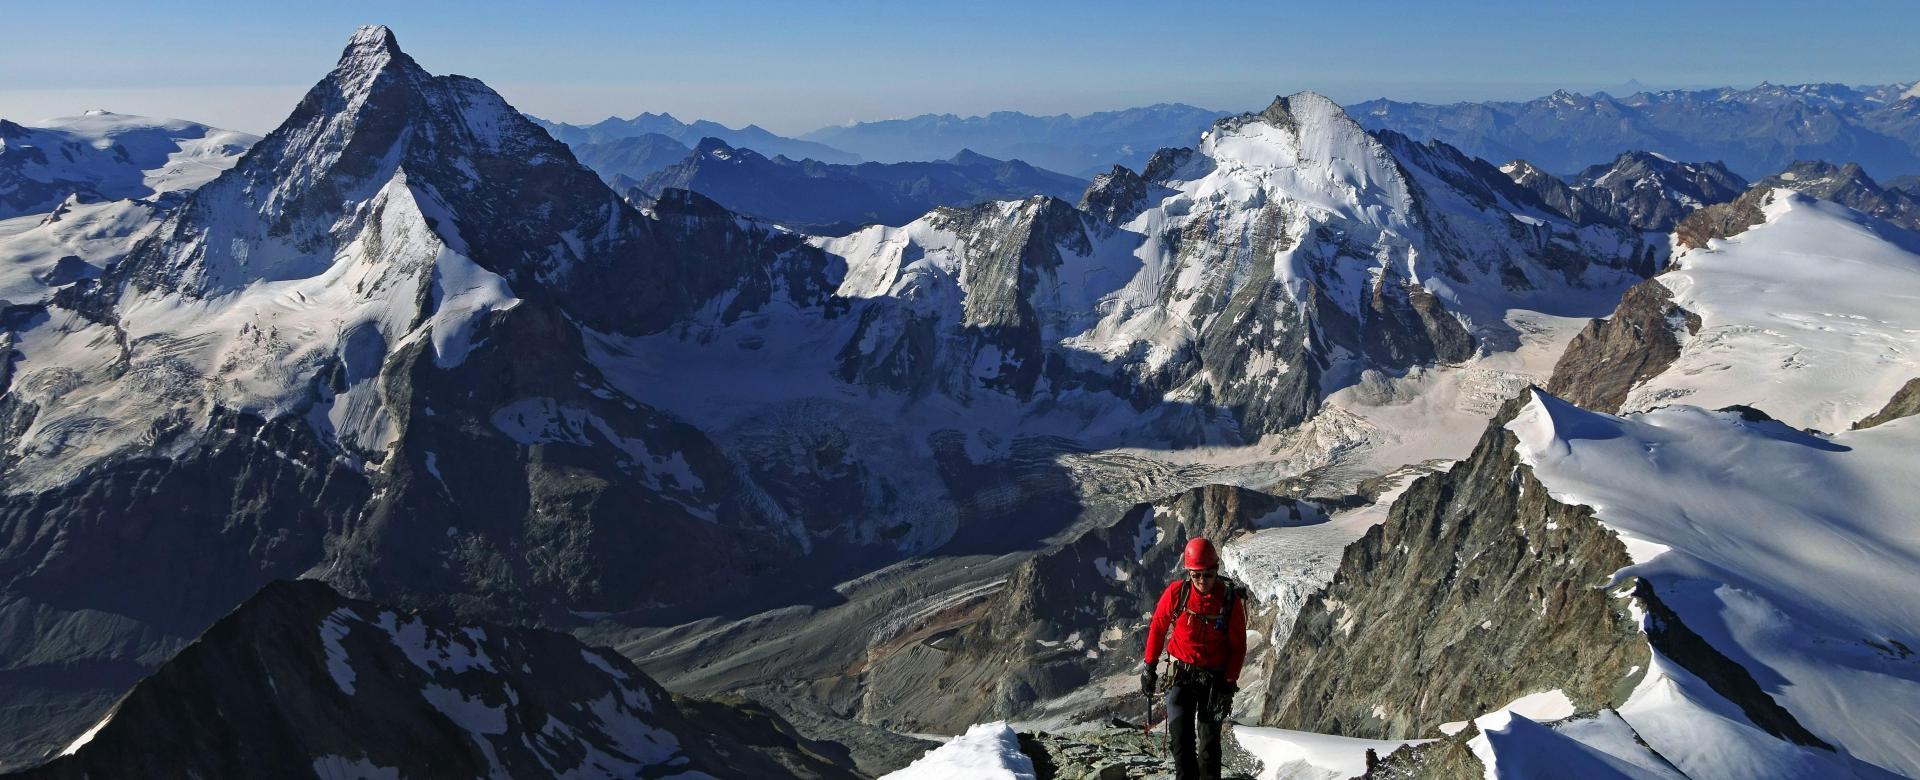 Voyage à pied Suisse : La haute route du cervin